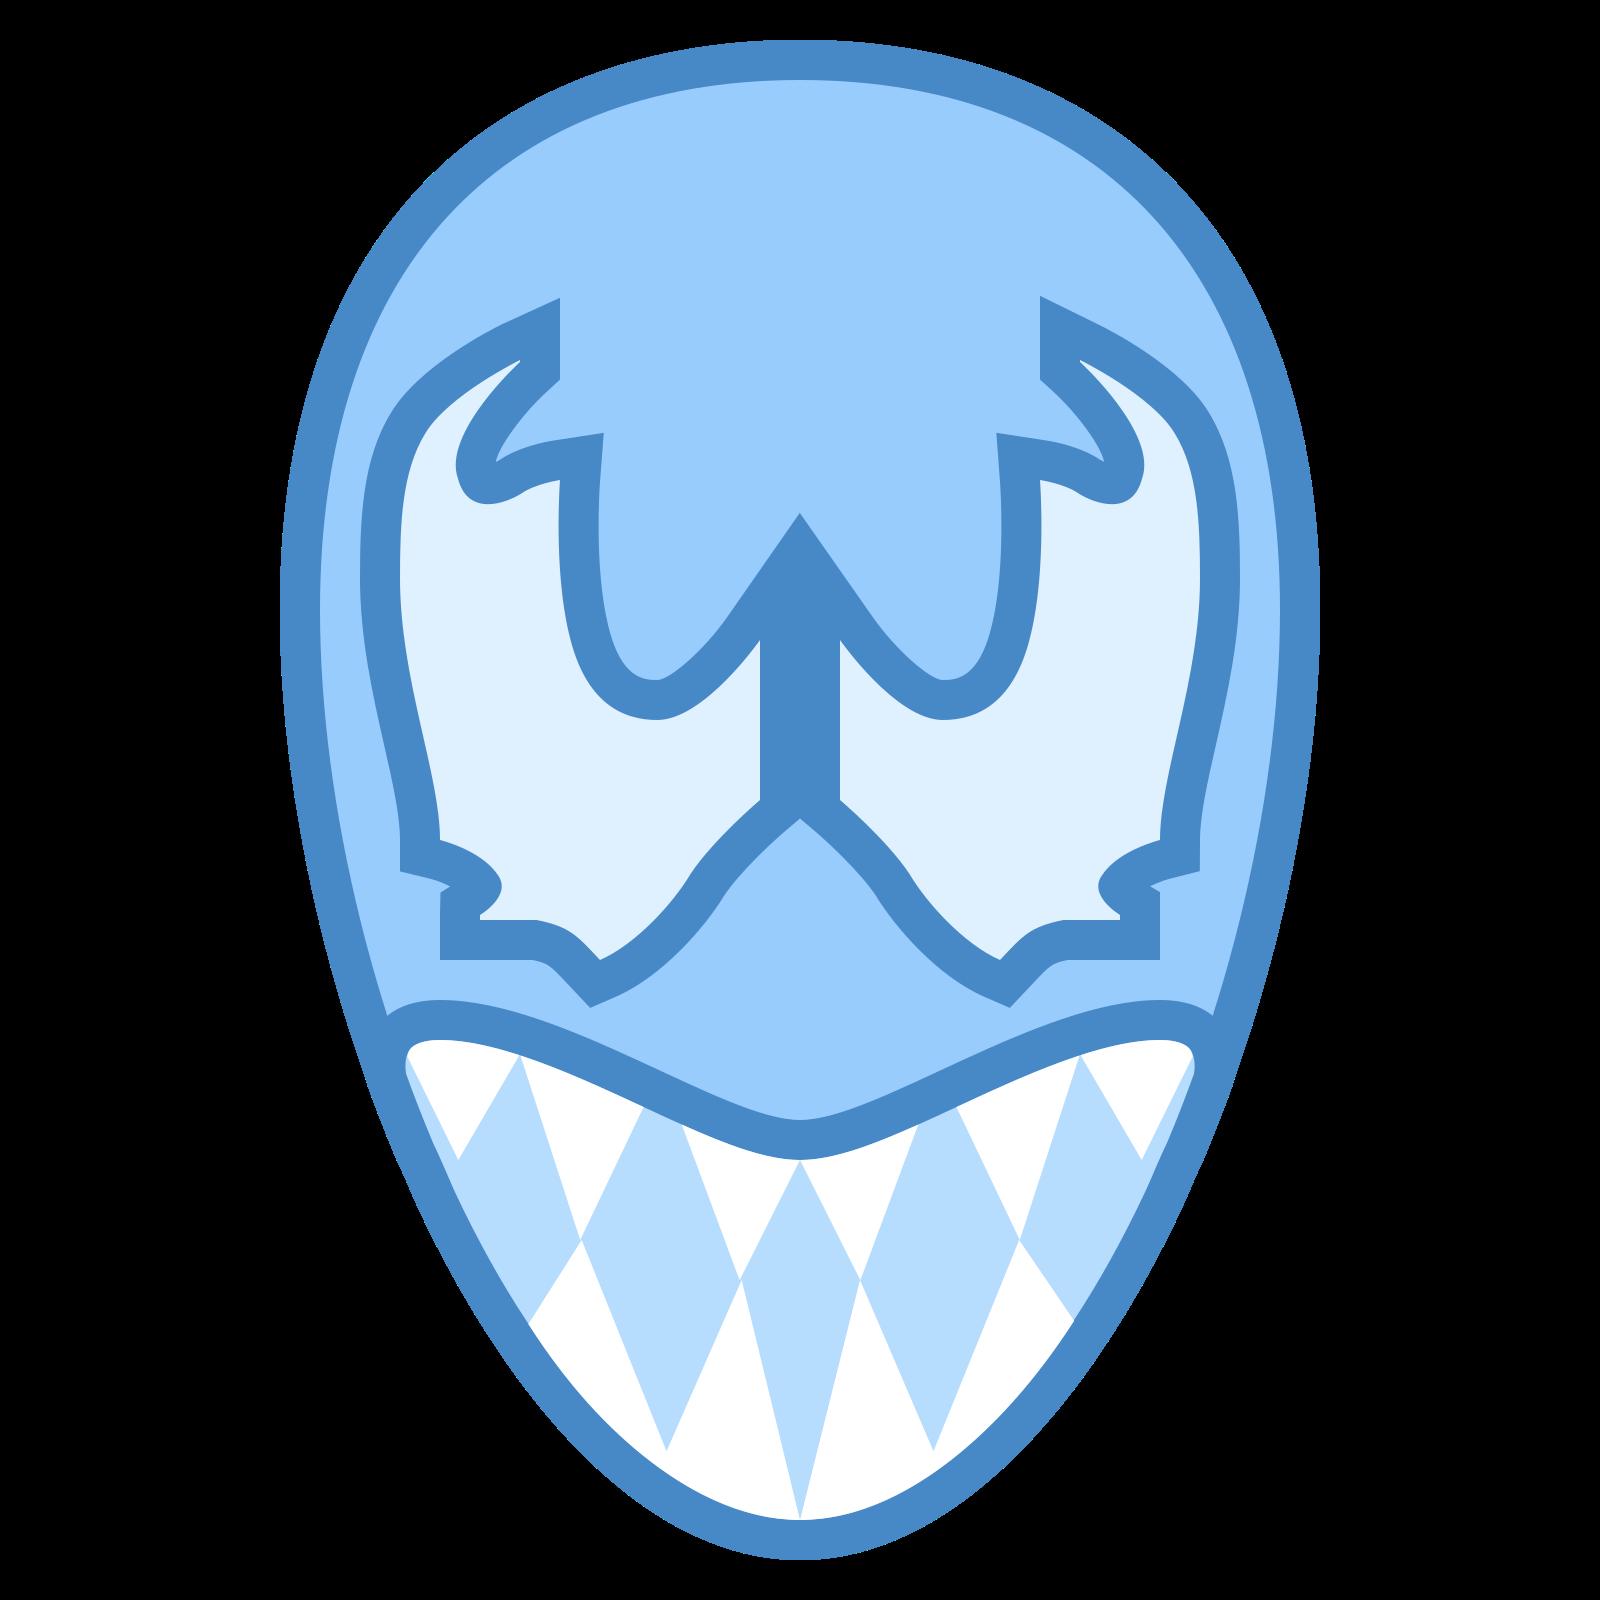 Głowa Venom icon